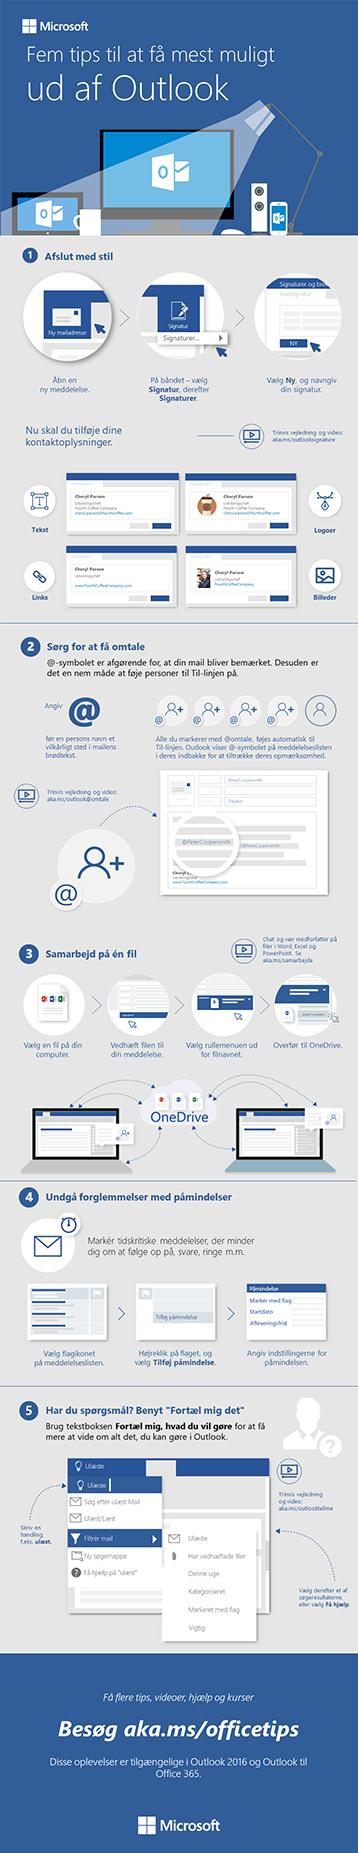 Fem trin til gladere mail i Outlook 2016